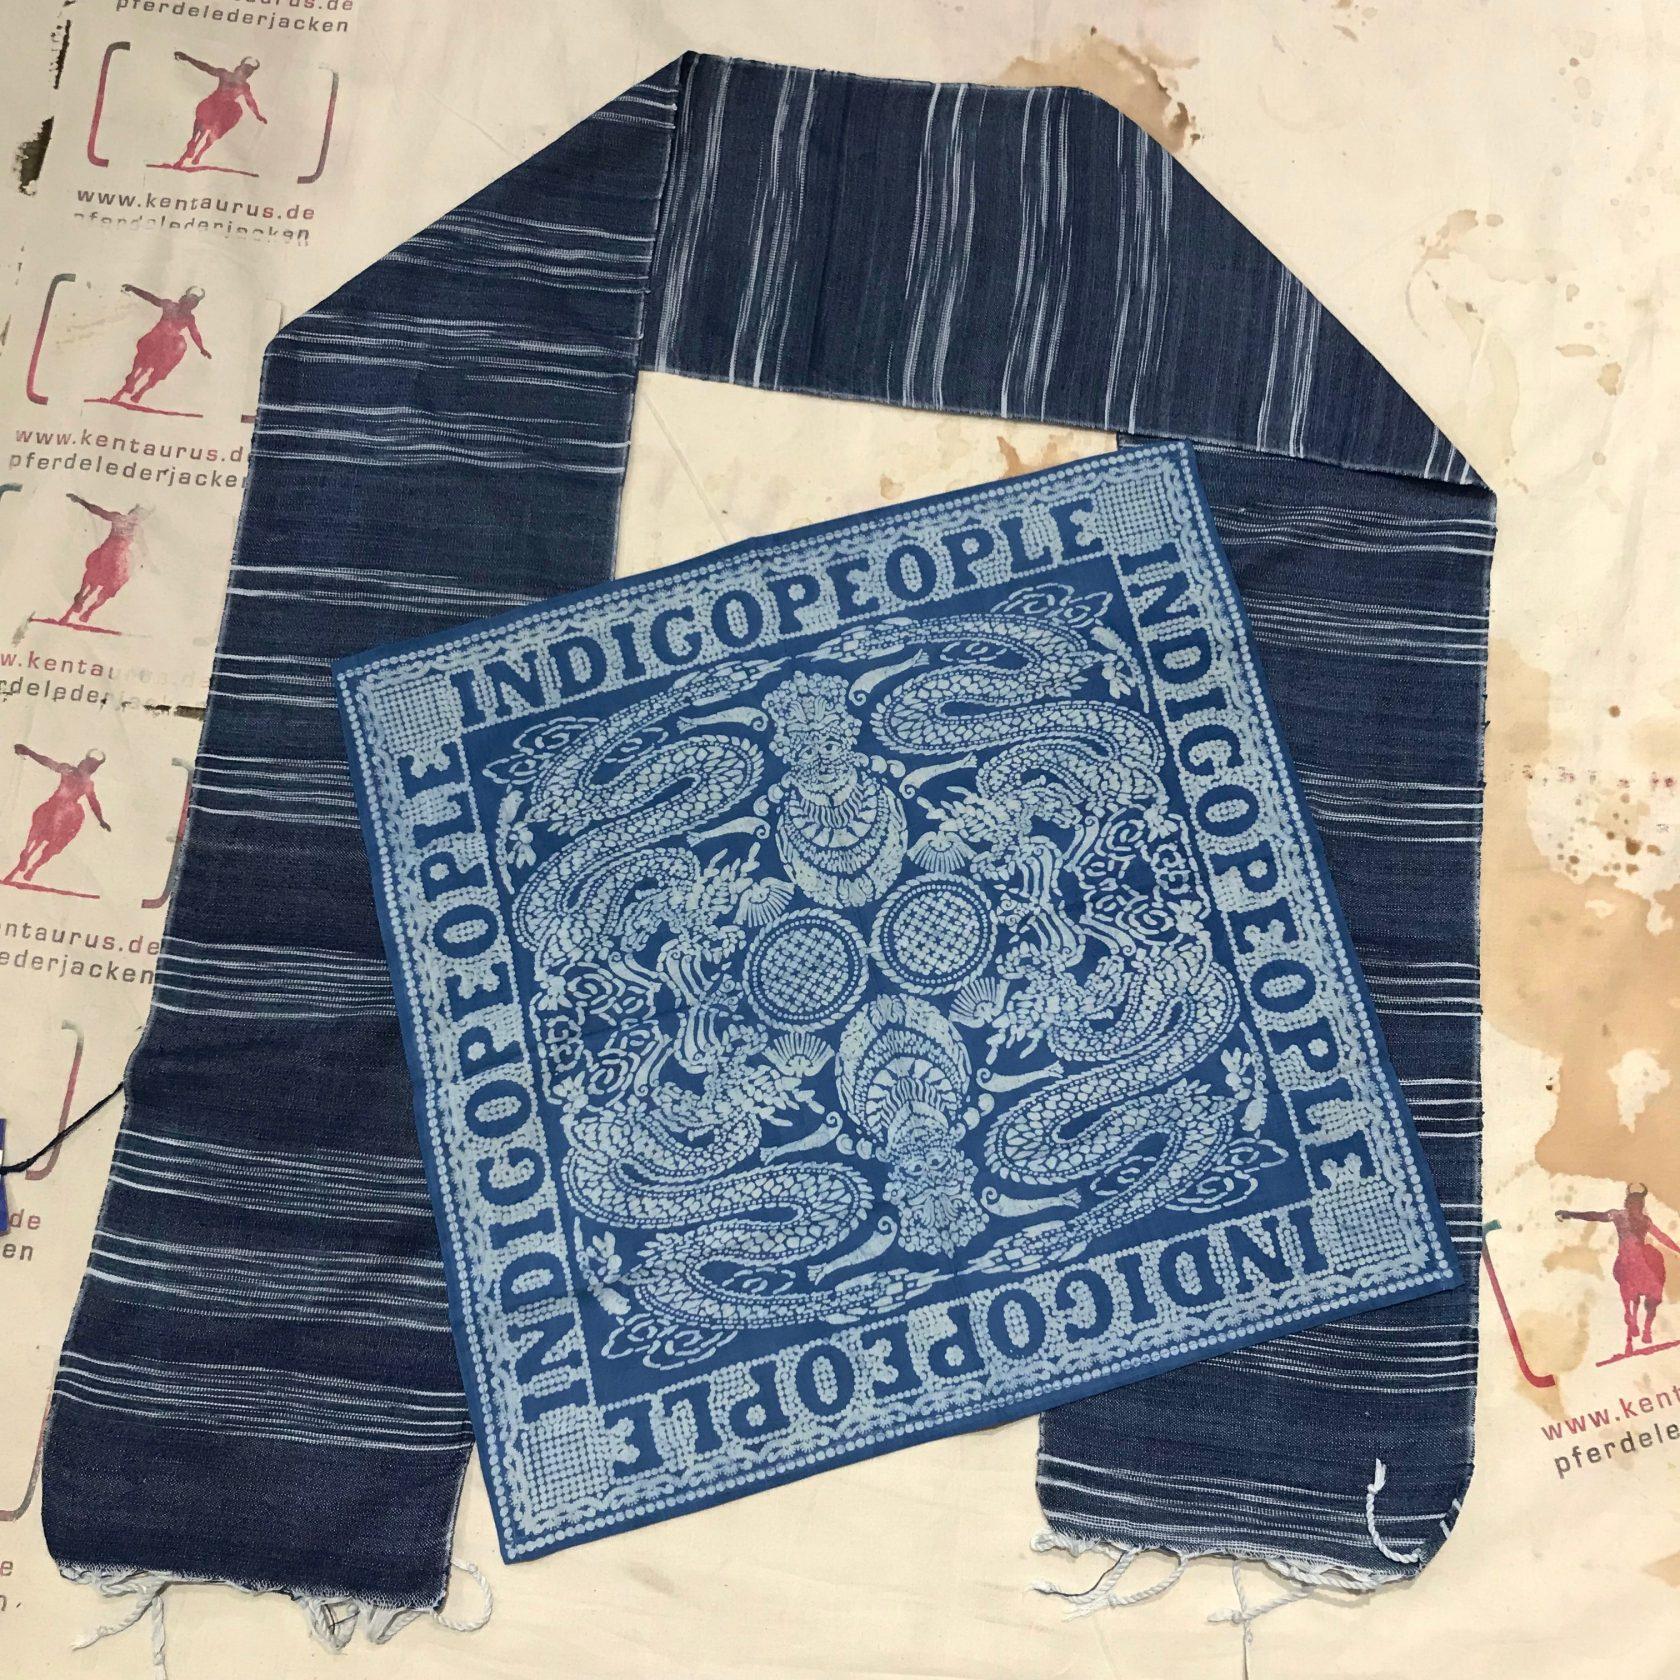 Indigo People: Schal und Bandana